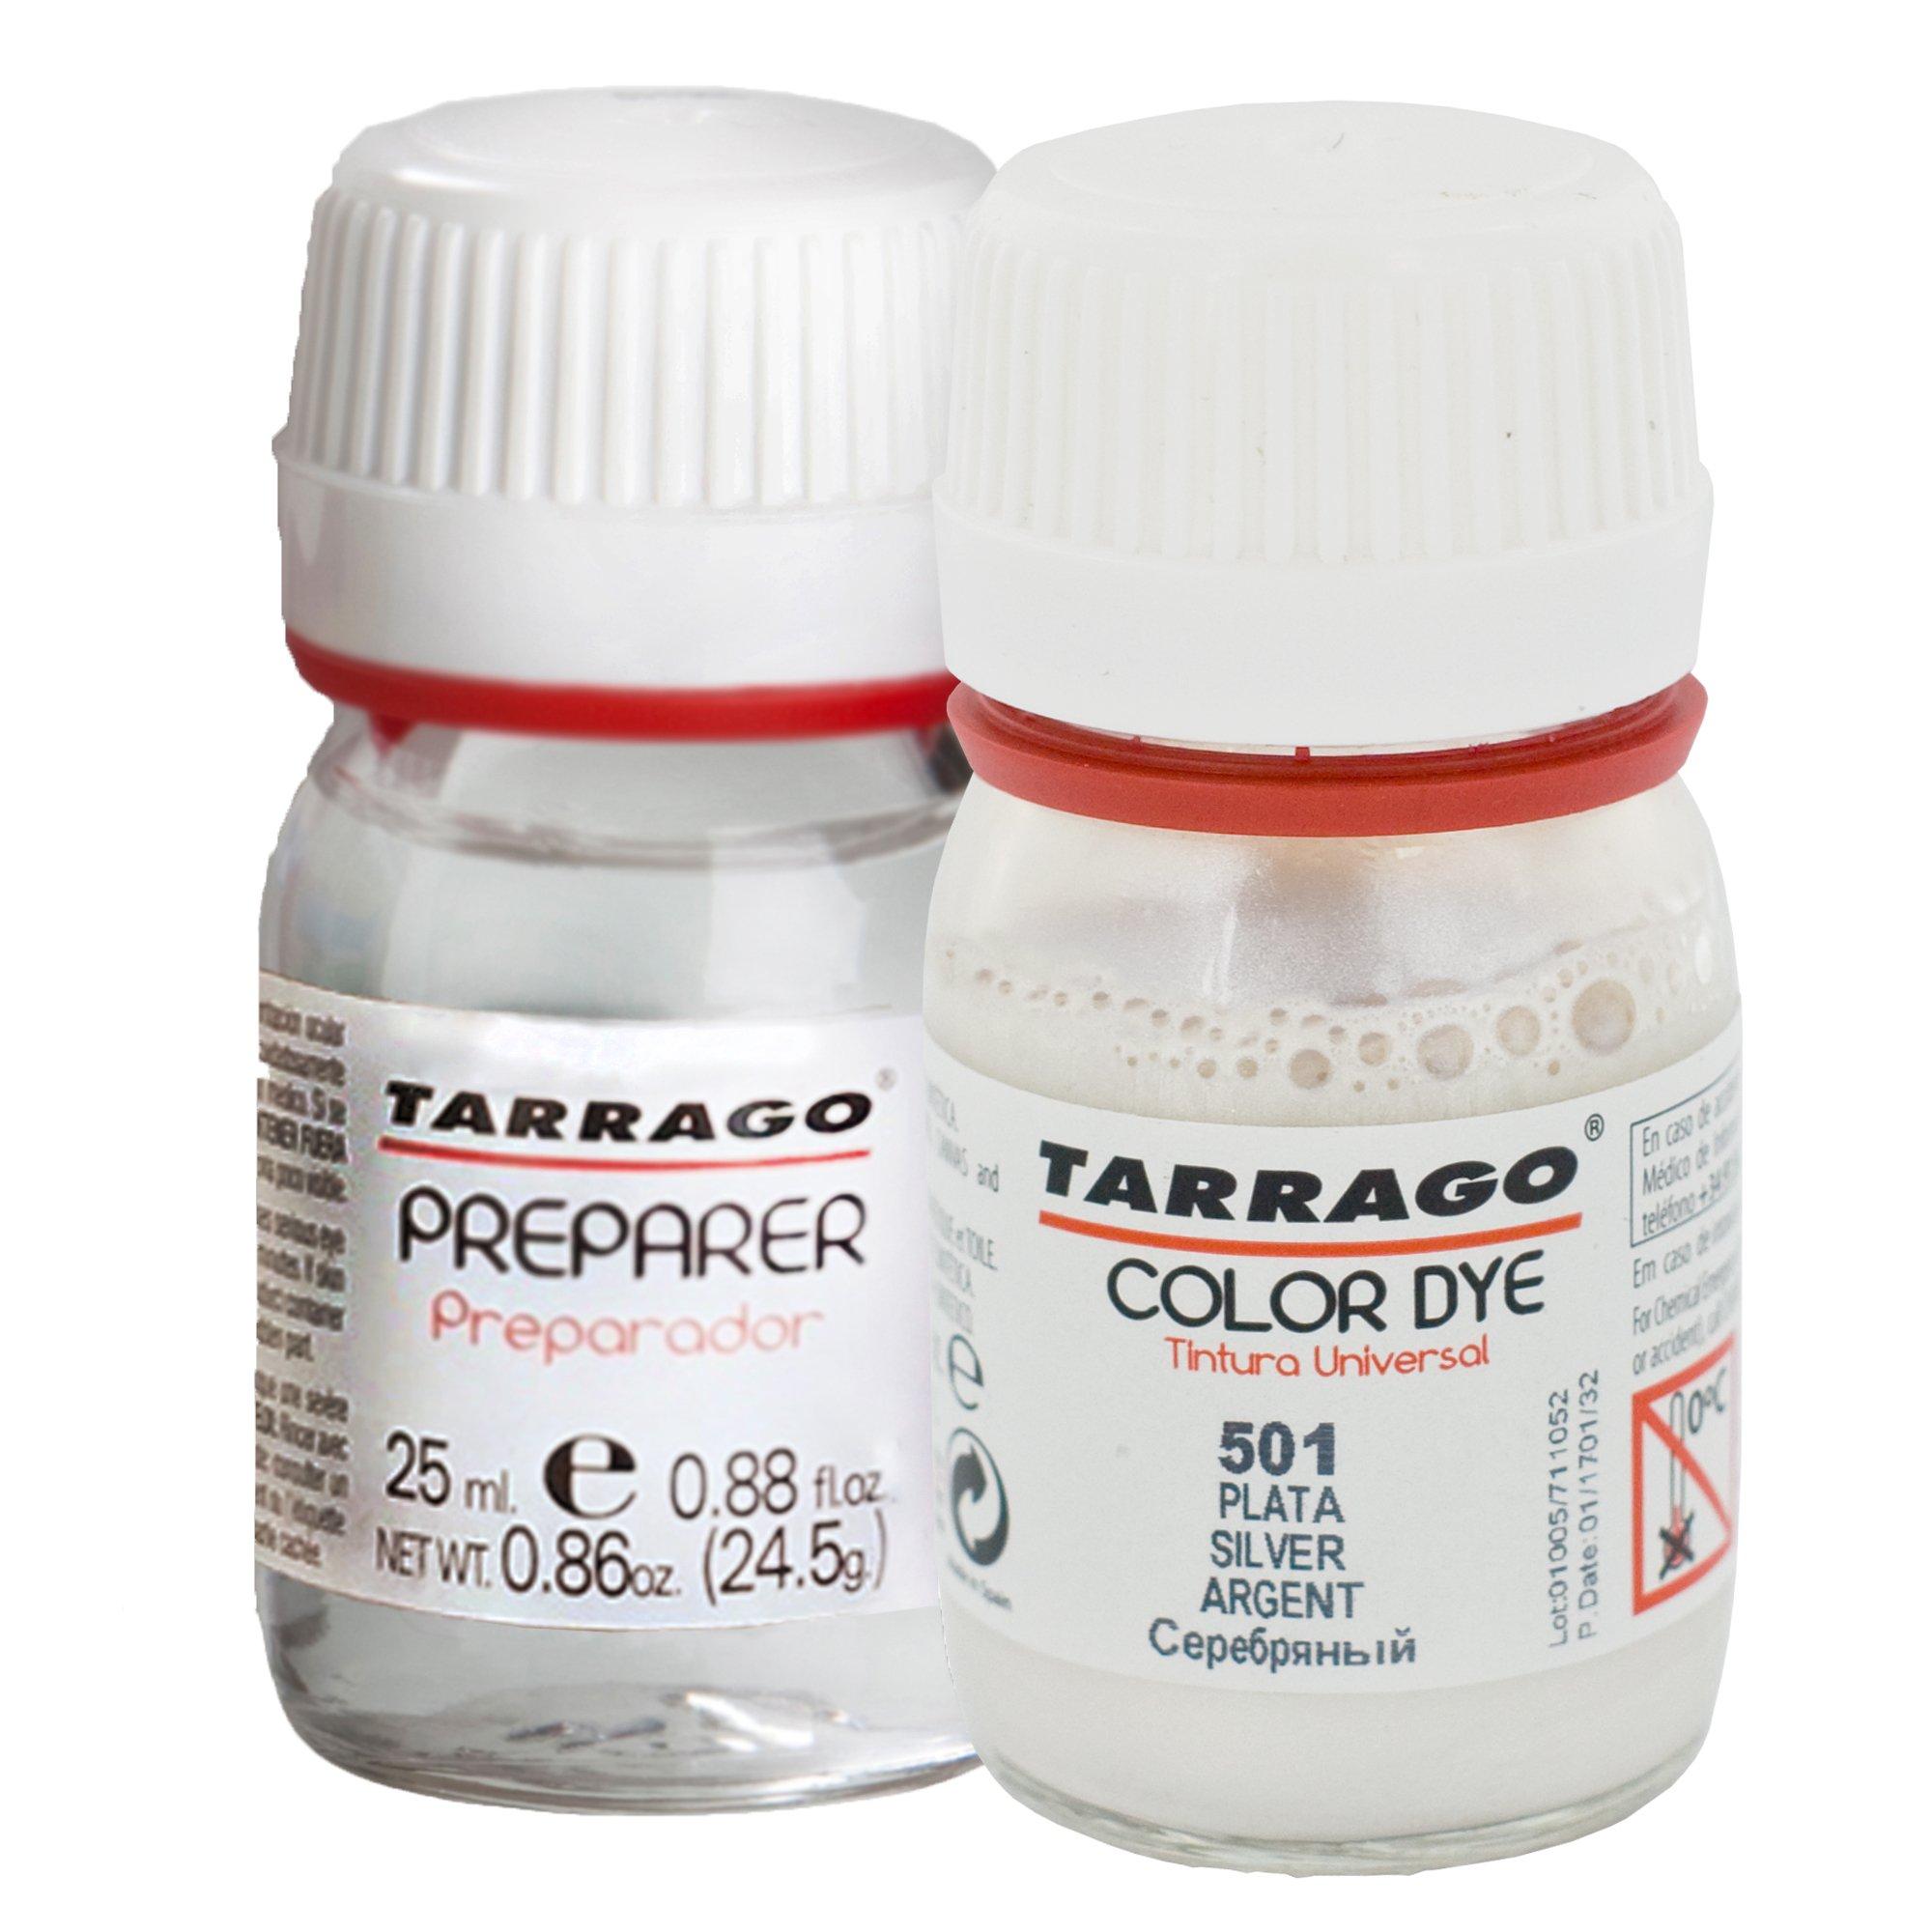 Tarrago Self Shine Color Dye and Preparer 25Ml. Silver #501